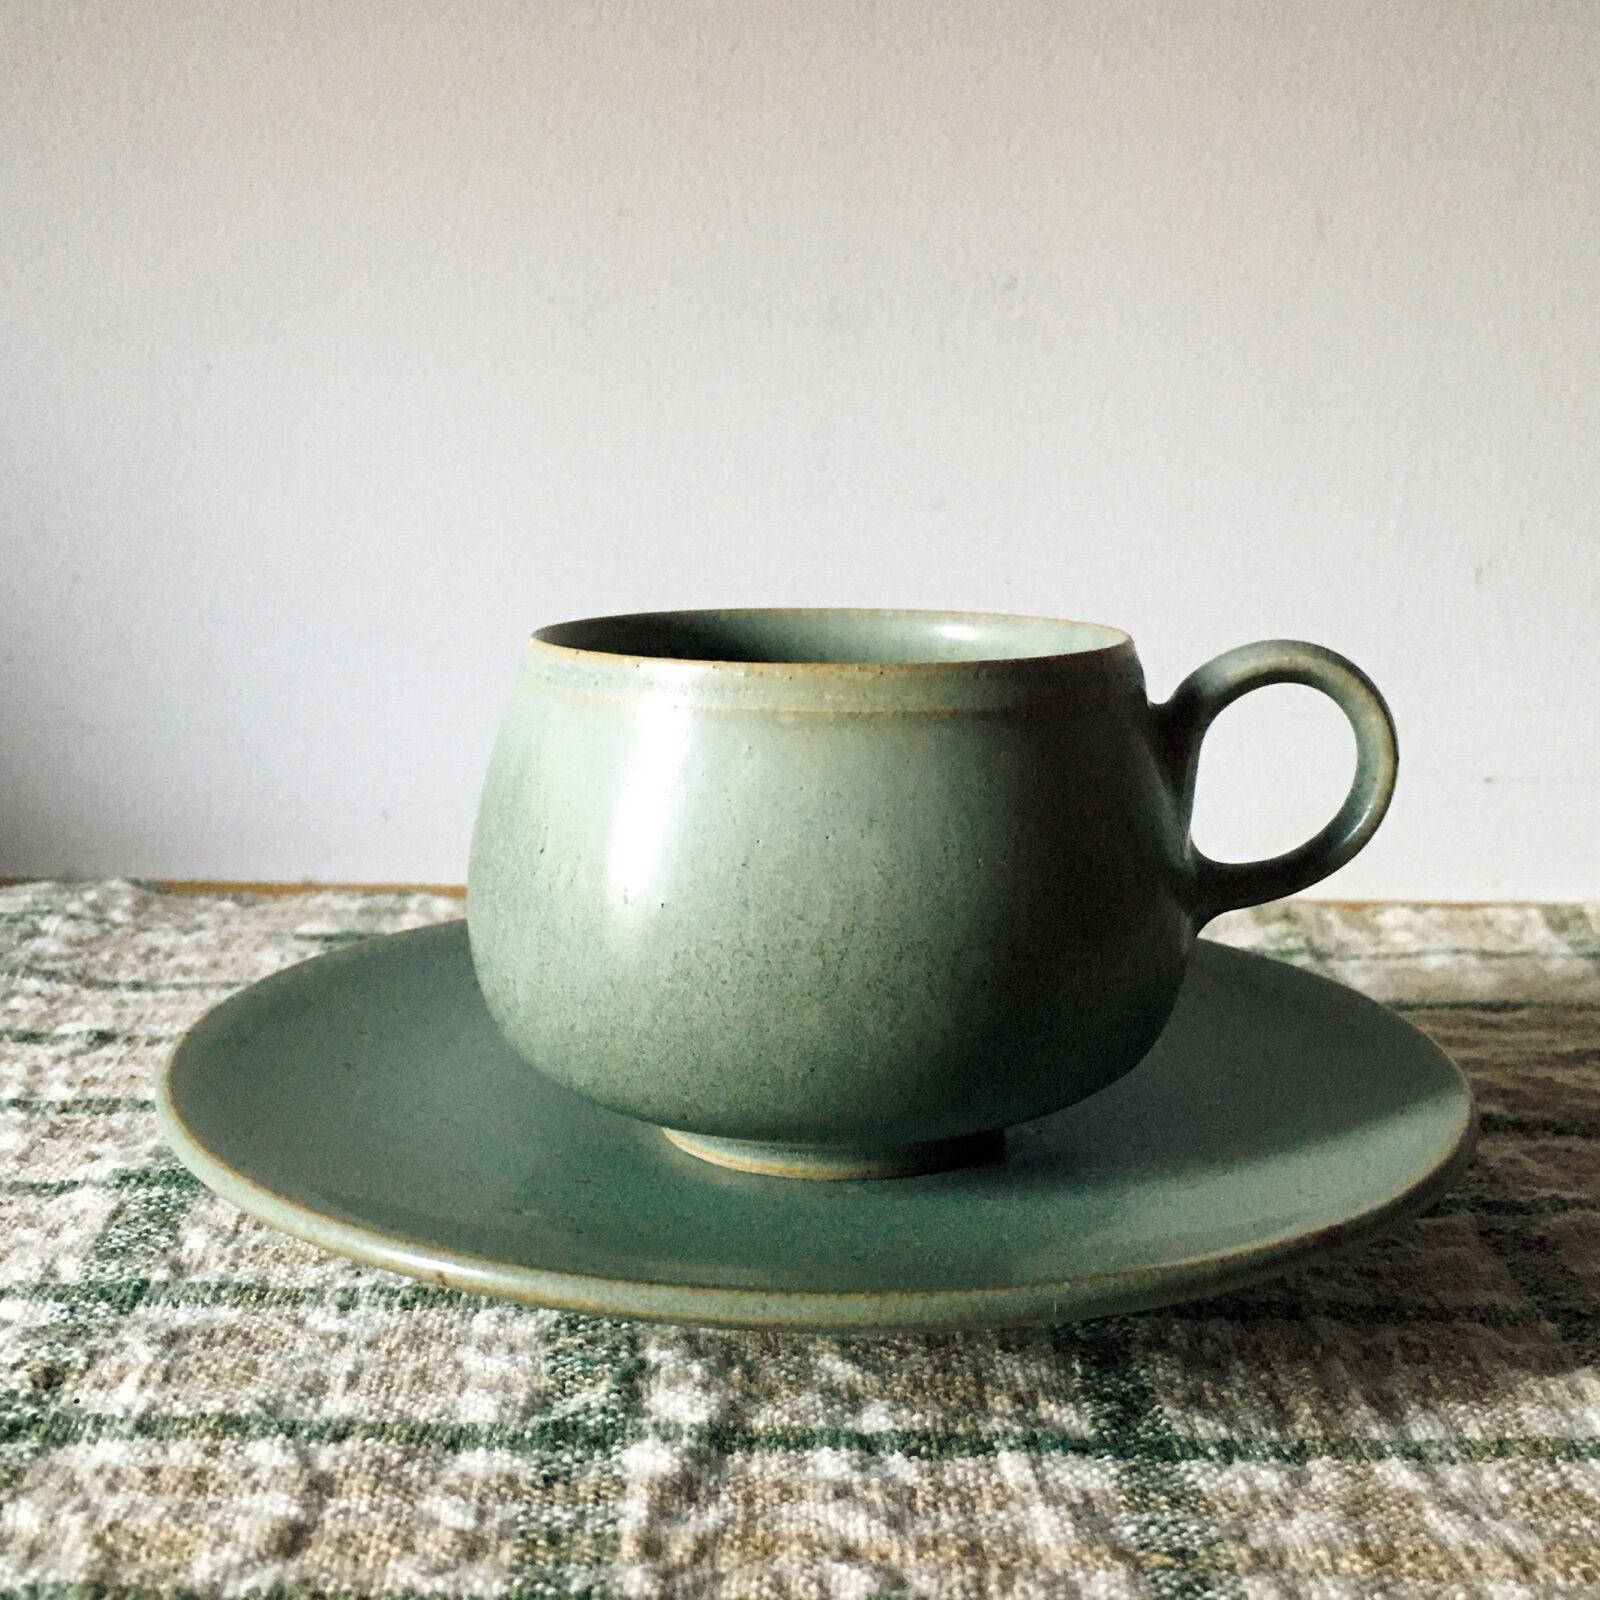 堀込高樹(ミュージシャン)益子の生形由香(うぶかたゆか)という作家の品です。カップによってコーヒーも随分と味の印象が変わるものだな、と実感しました。とろーり、まろーん、という口当たりです。